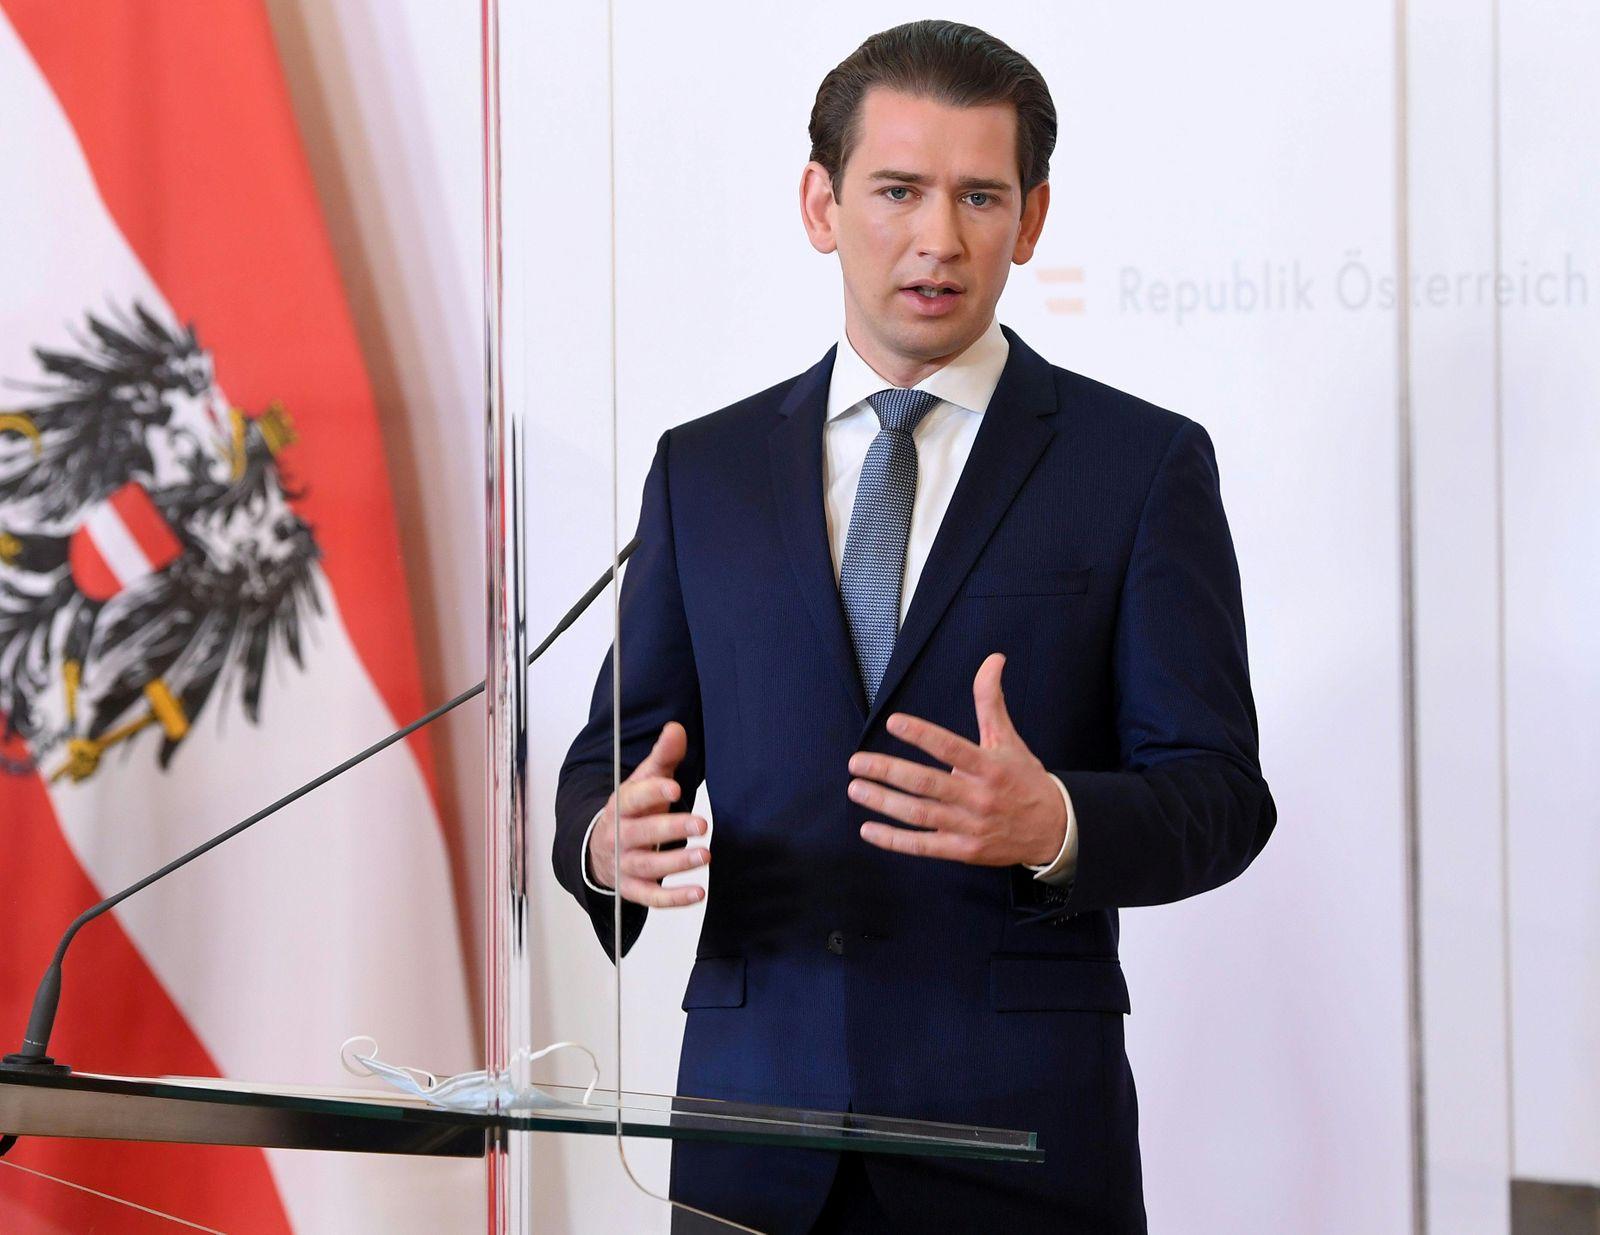 Austrian Chancellor Sebastian Kurz attends a news conference in Vienna